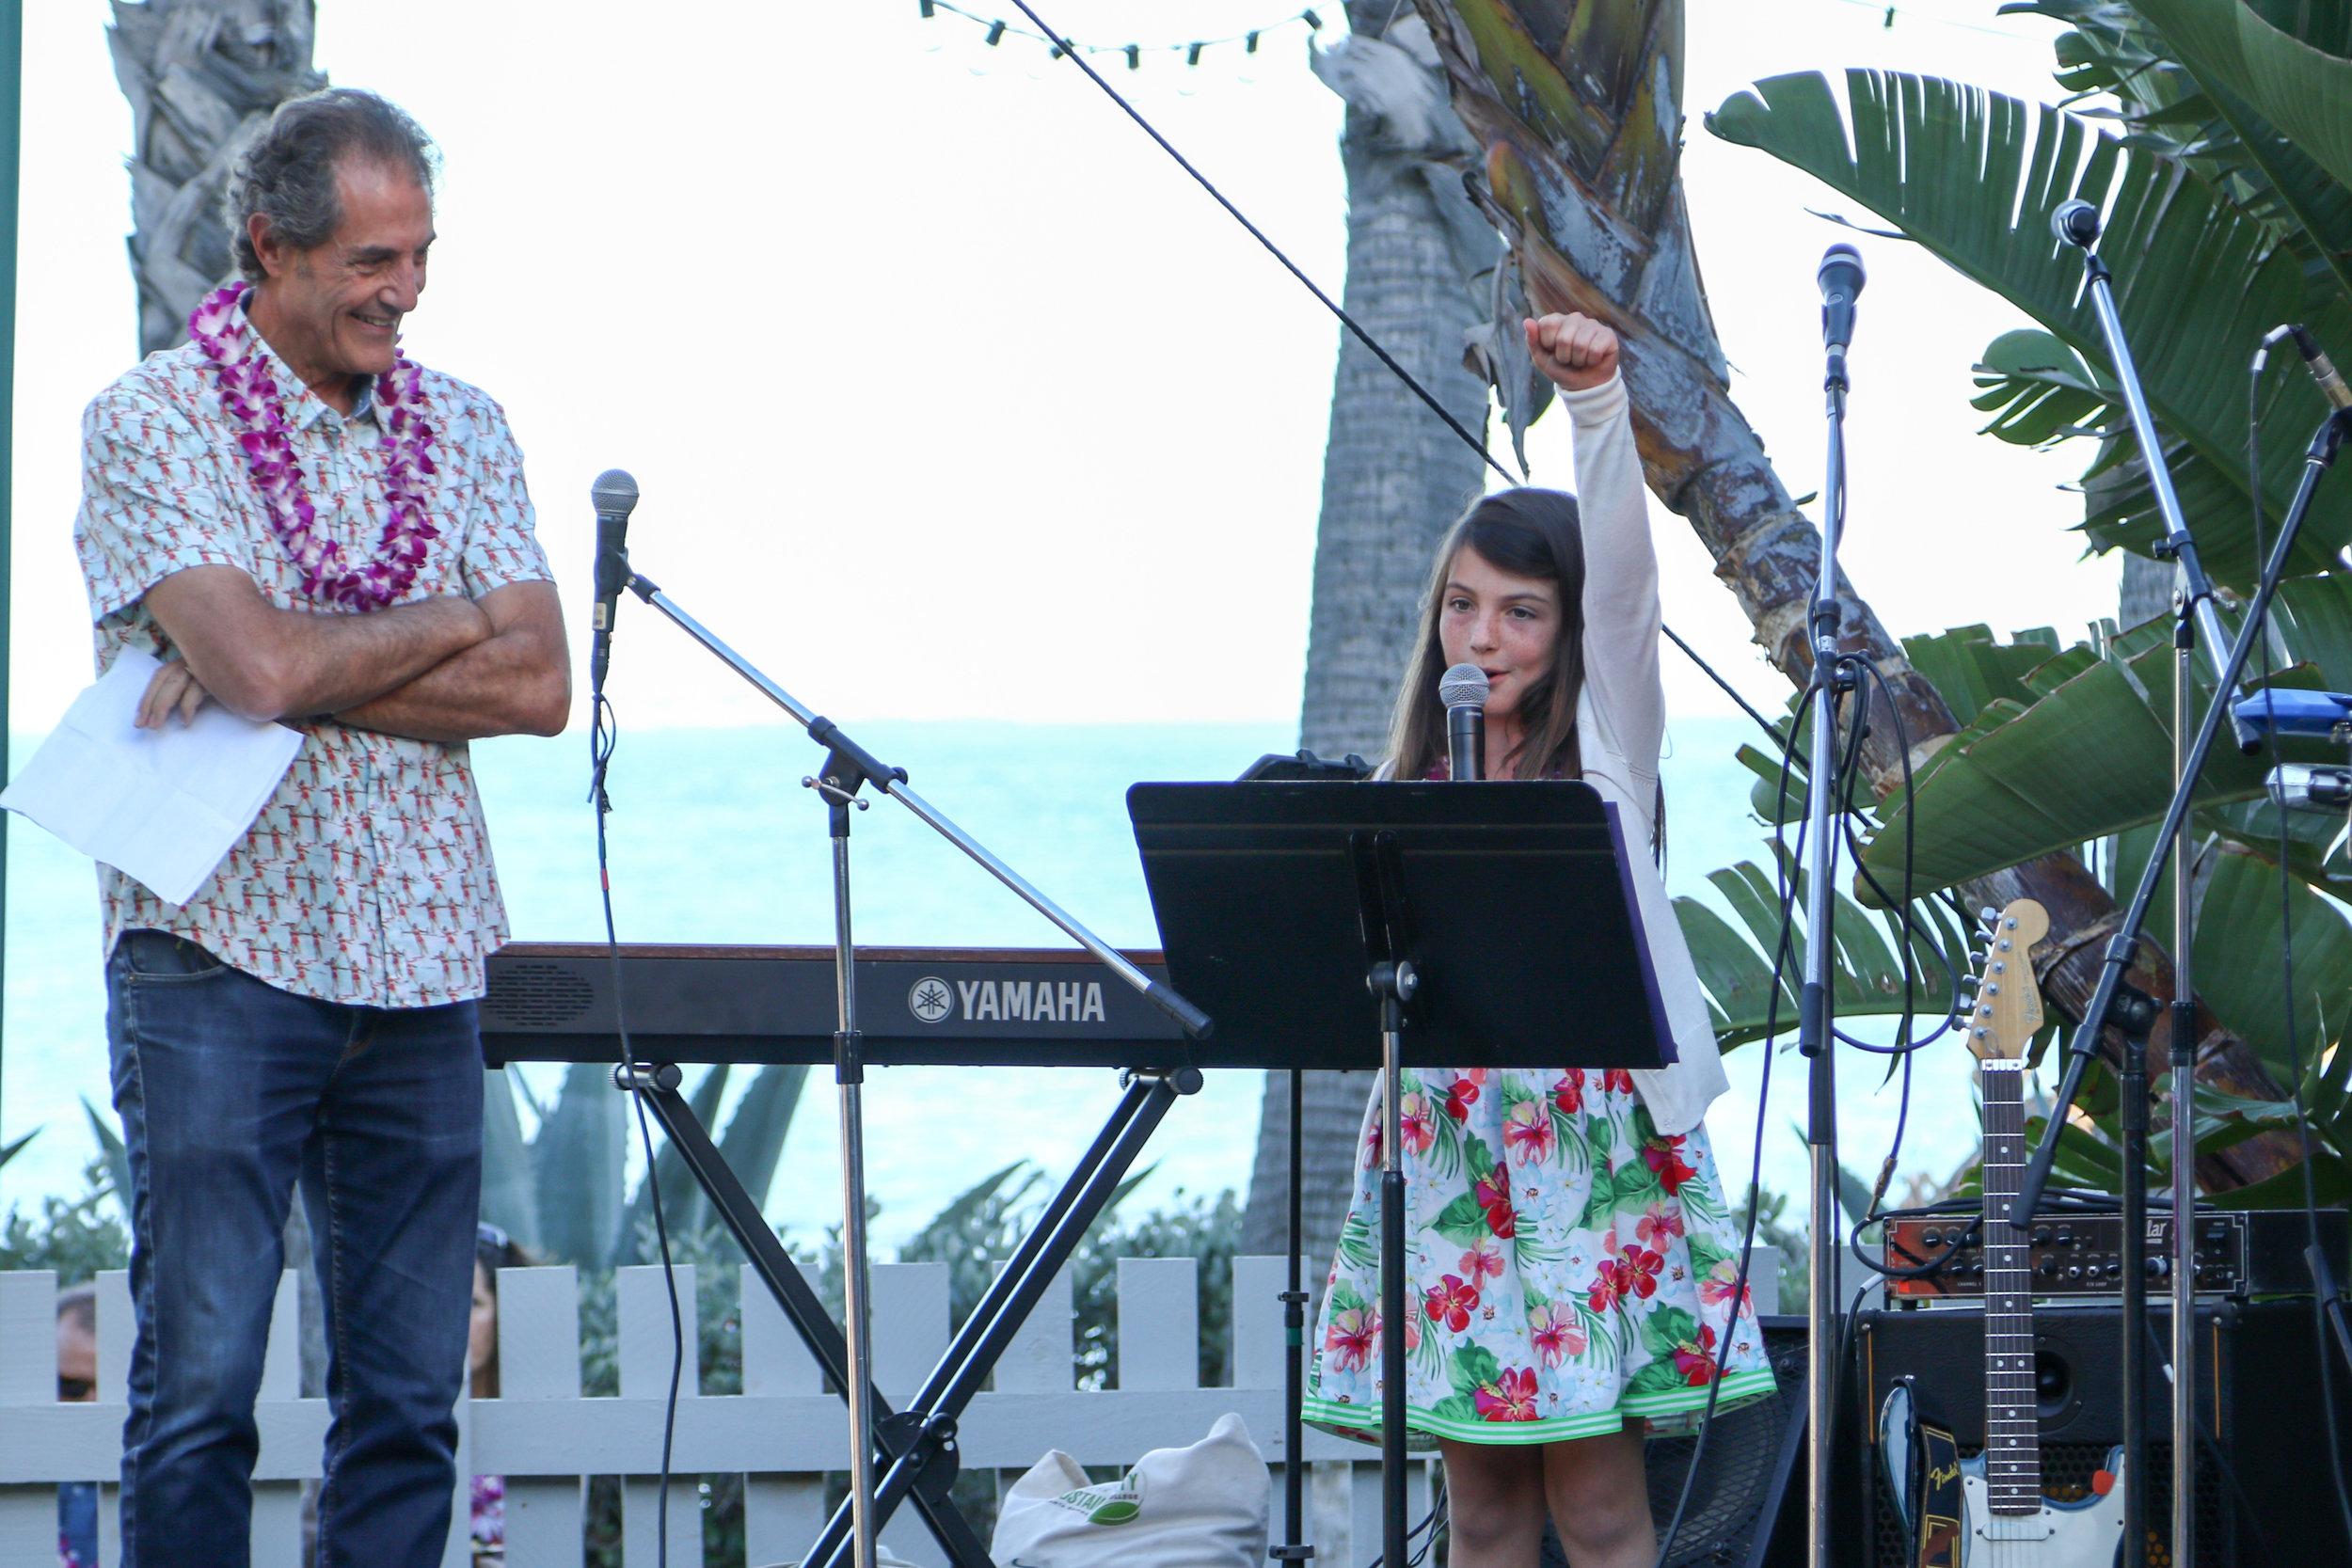 Maxine Nocker shared an inspirational speech her participation in the Girls Inc Surf Club